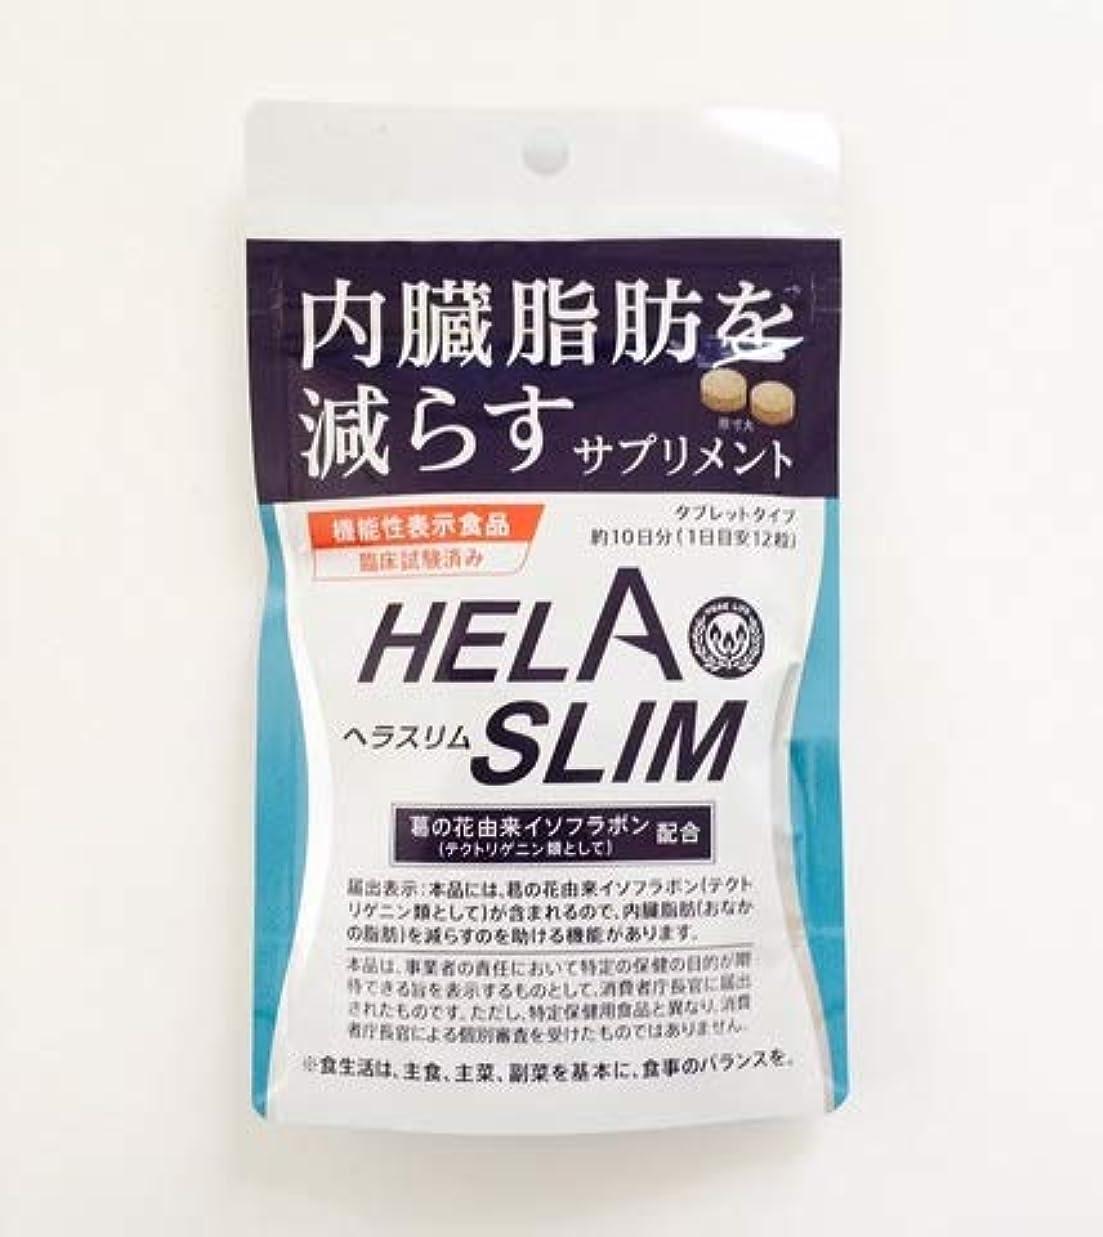 少数上にバクテリアHELASLIM ヘラスリム(120粒入10日分)【機能性表示食品】